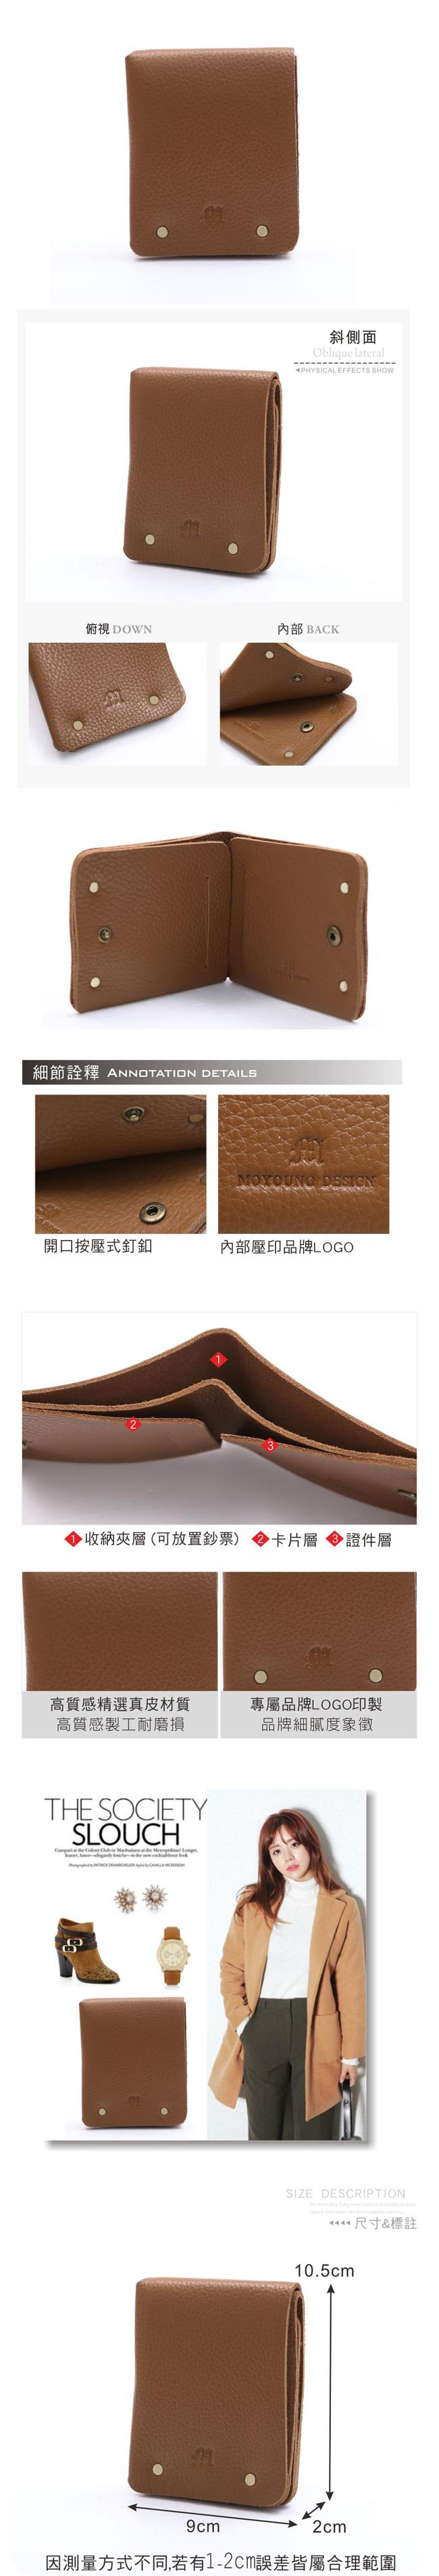 Moyoung 自然手感頭層牛皮短夾  胡桃棕